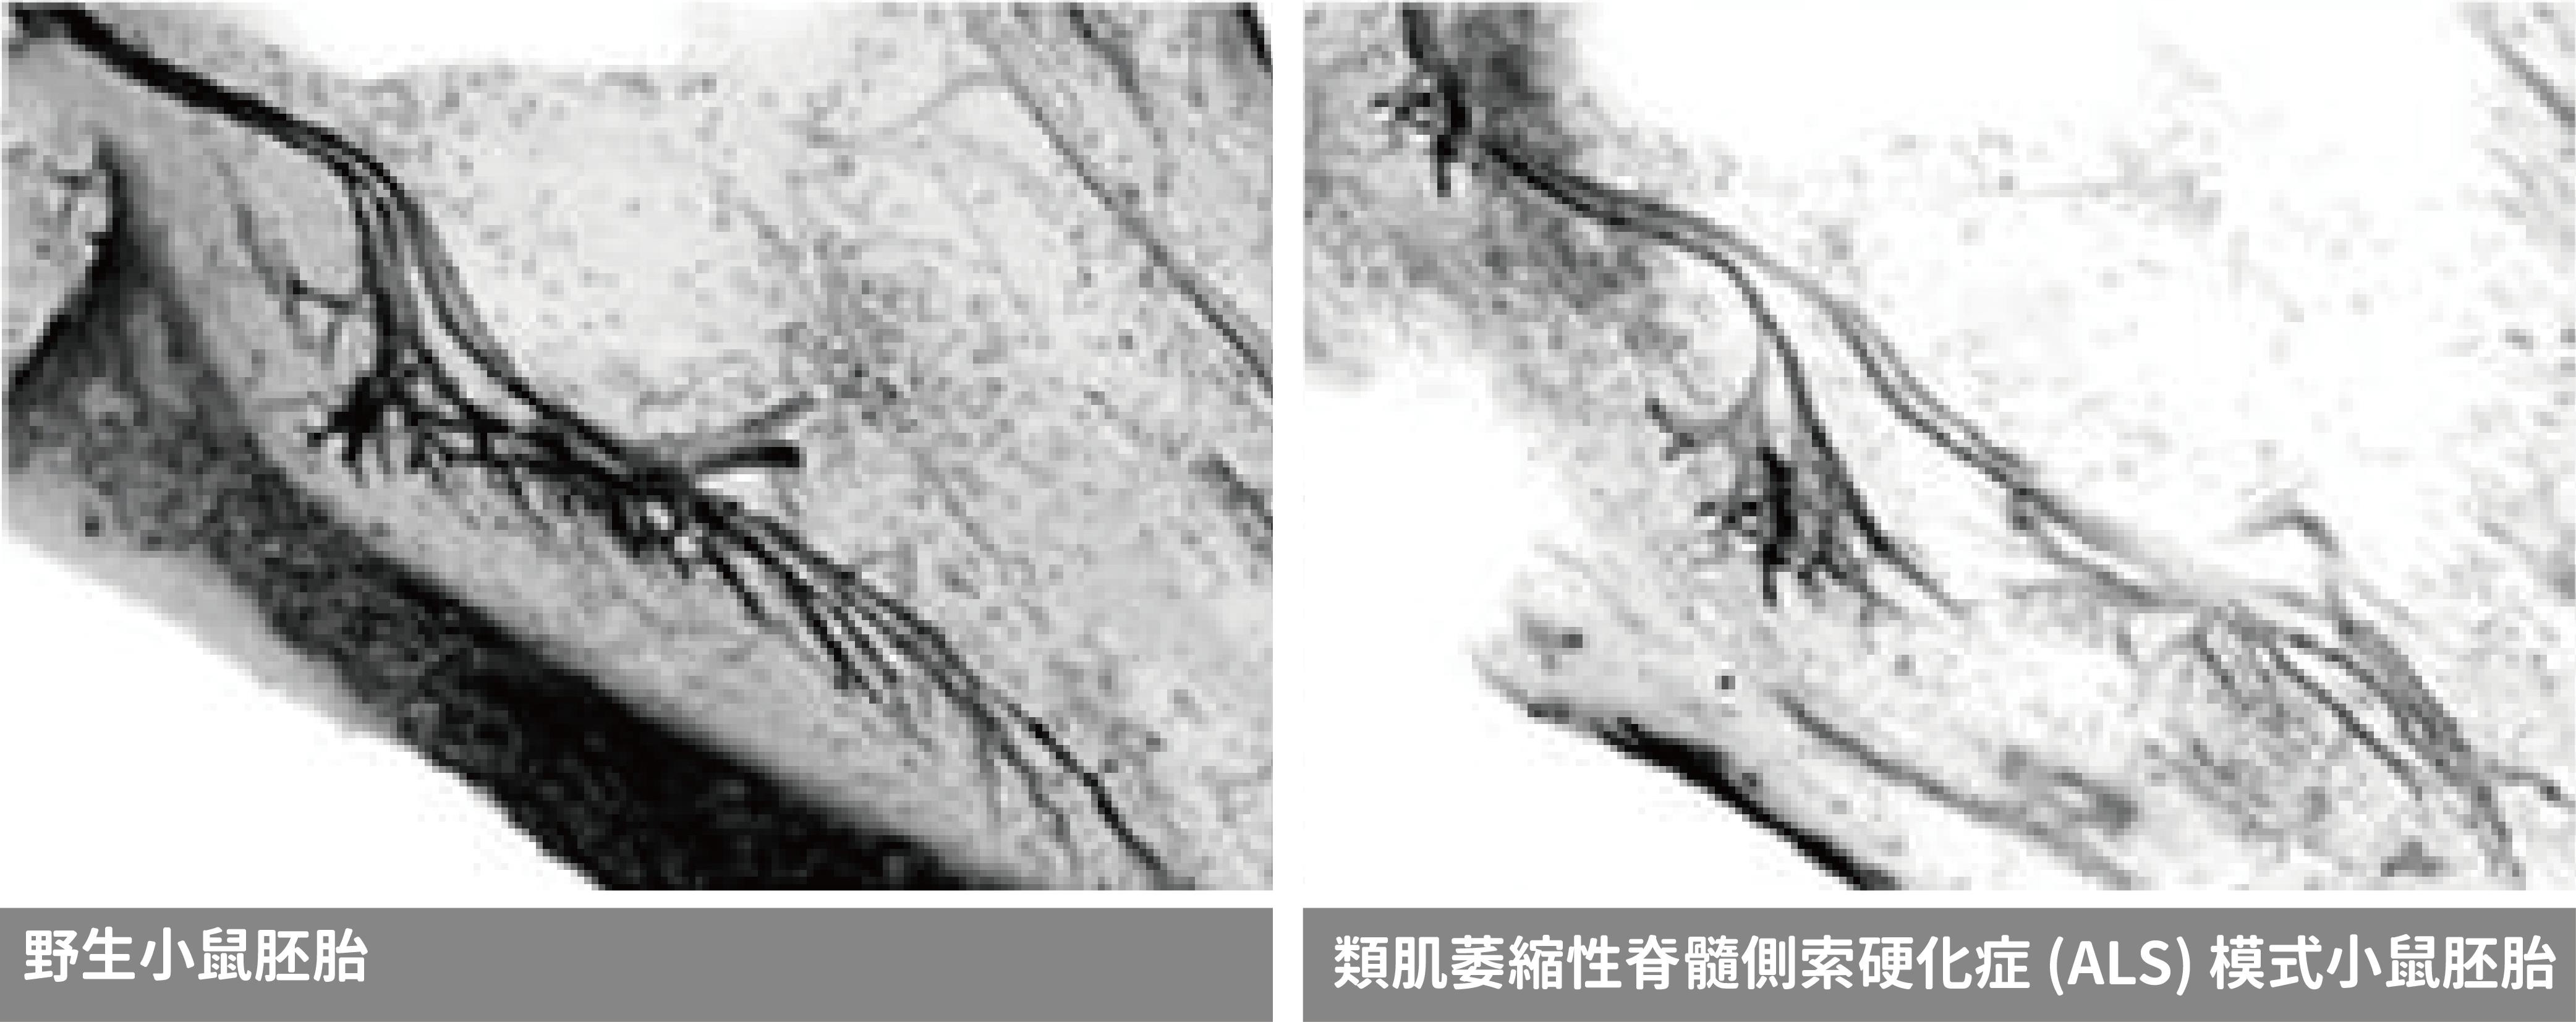 兩種小鼠胚胎的運動神經元比較 (中間長長、尾端伸出許多樹突的那一條)。圖片來源│Crucial Cluster: MicroRNAs Keep Motor Neurons Alive